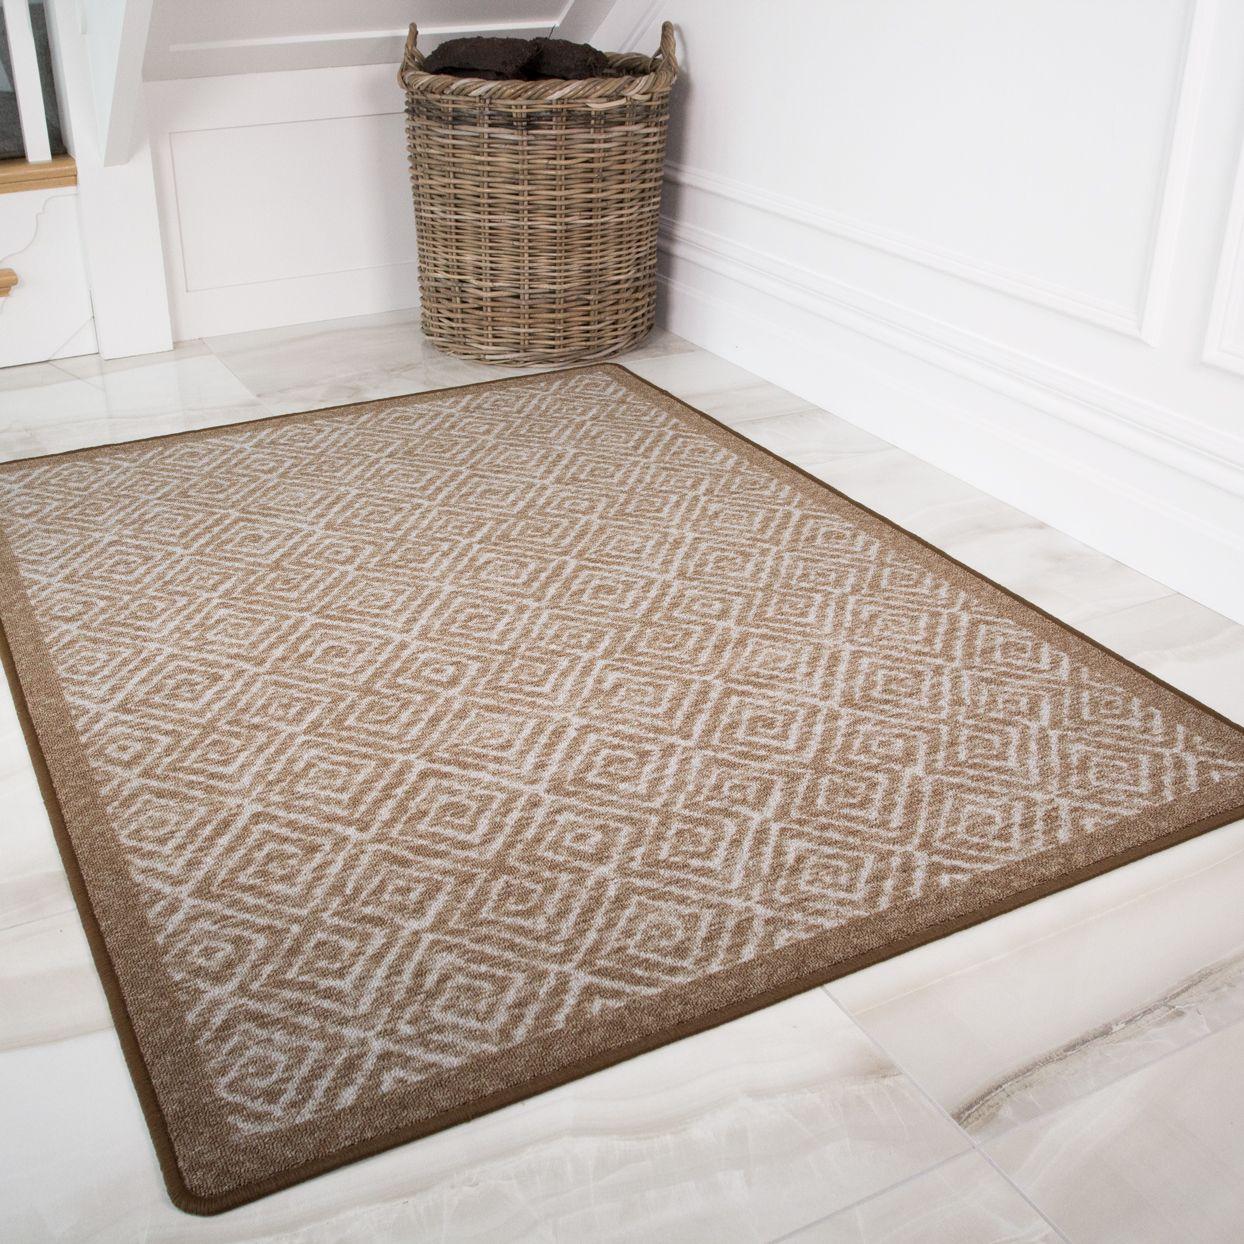 Moroccan Beige Washable Non Slip Absorbent Doormats Luna Rugs